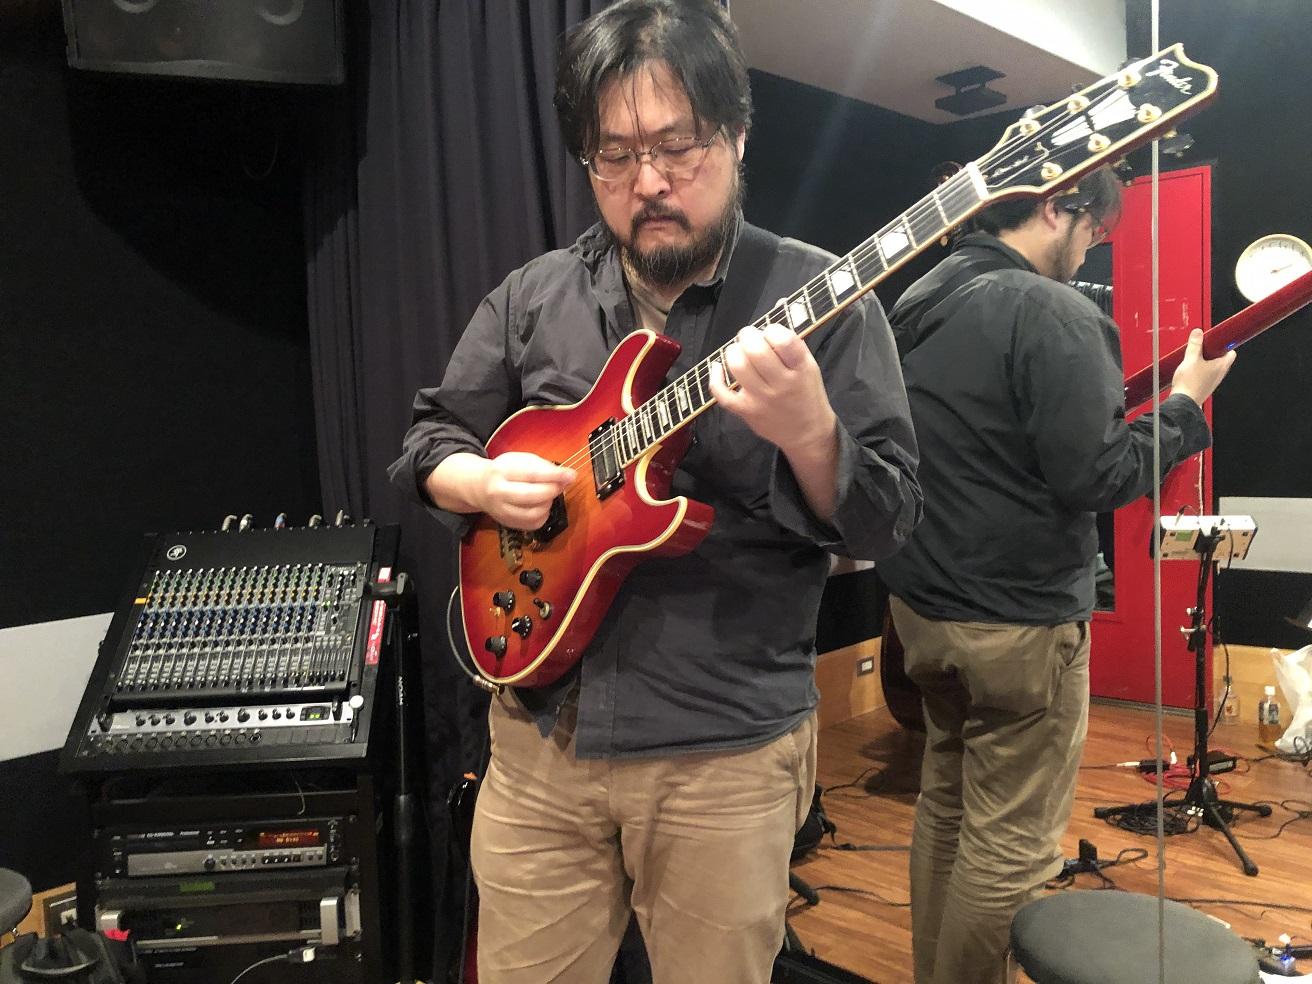 ギタリスト平井庸一の新作『The Hornet』がリリース 花咲政之輔や山田光らと変拍子・即興演奏・ヴォーカルの融合に挑戦